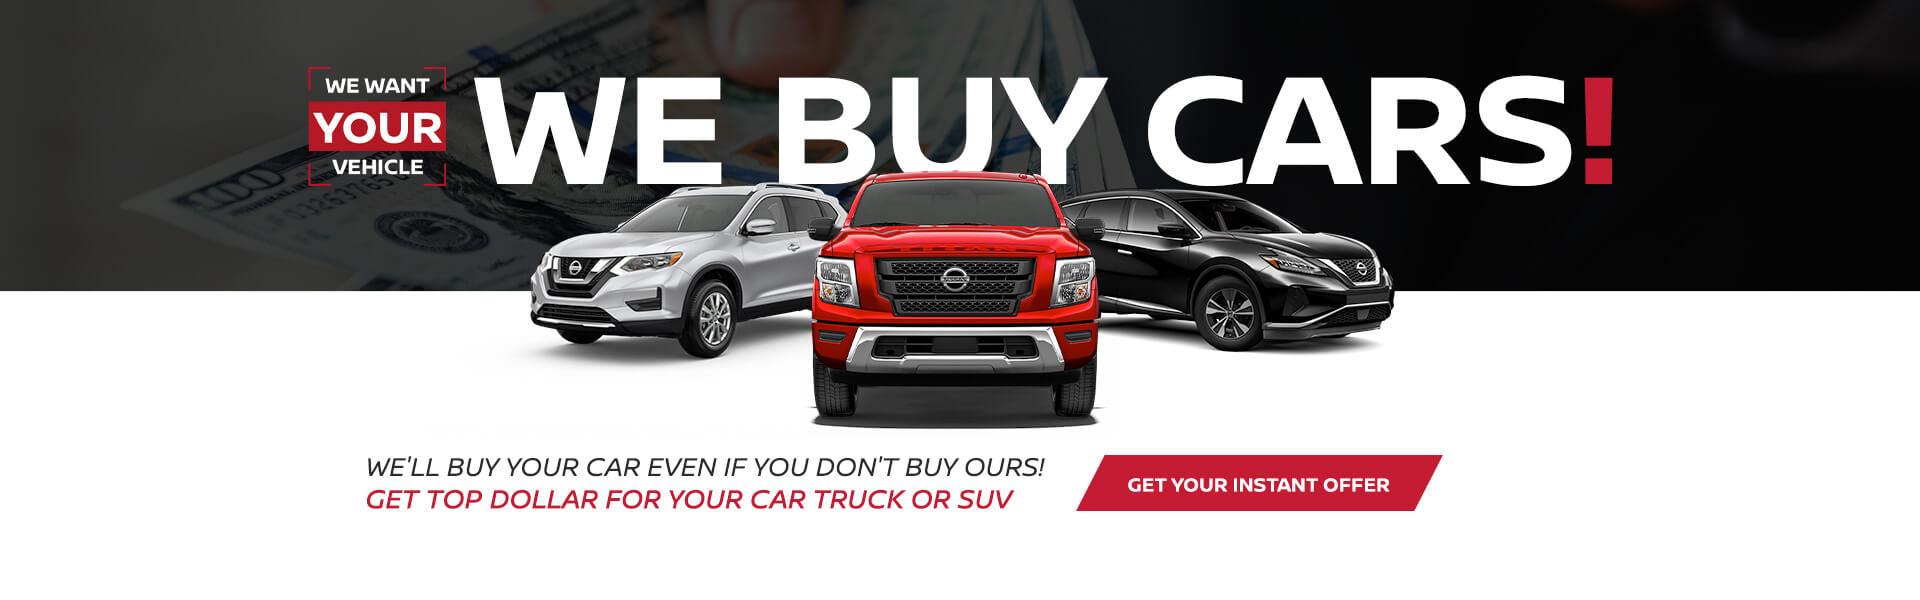 we-buy-cars